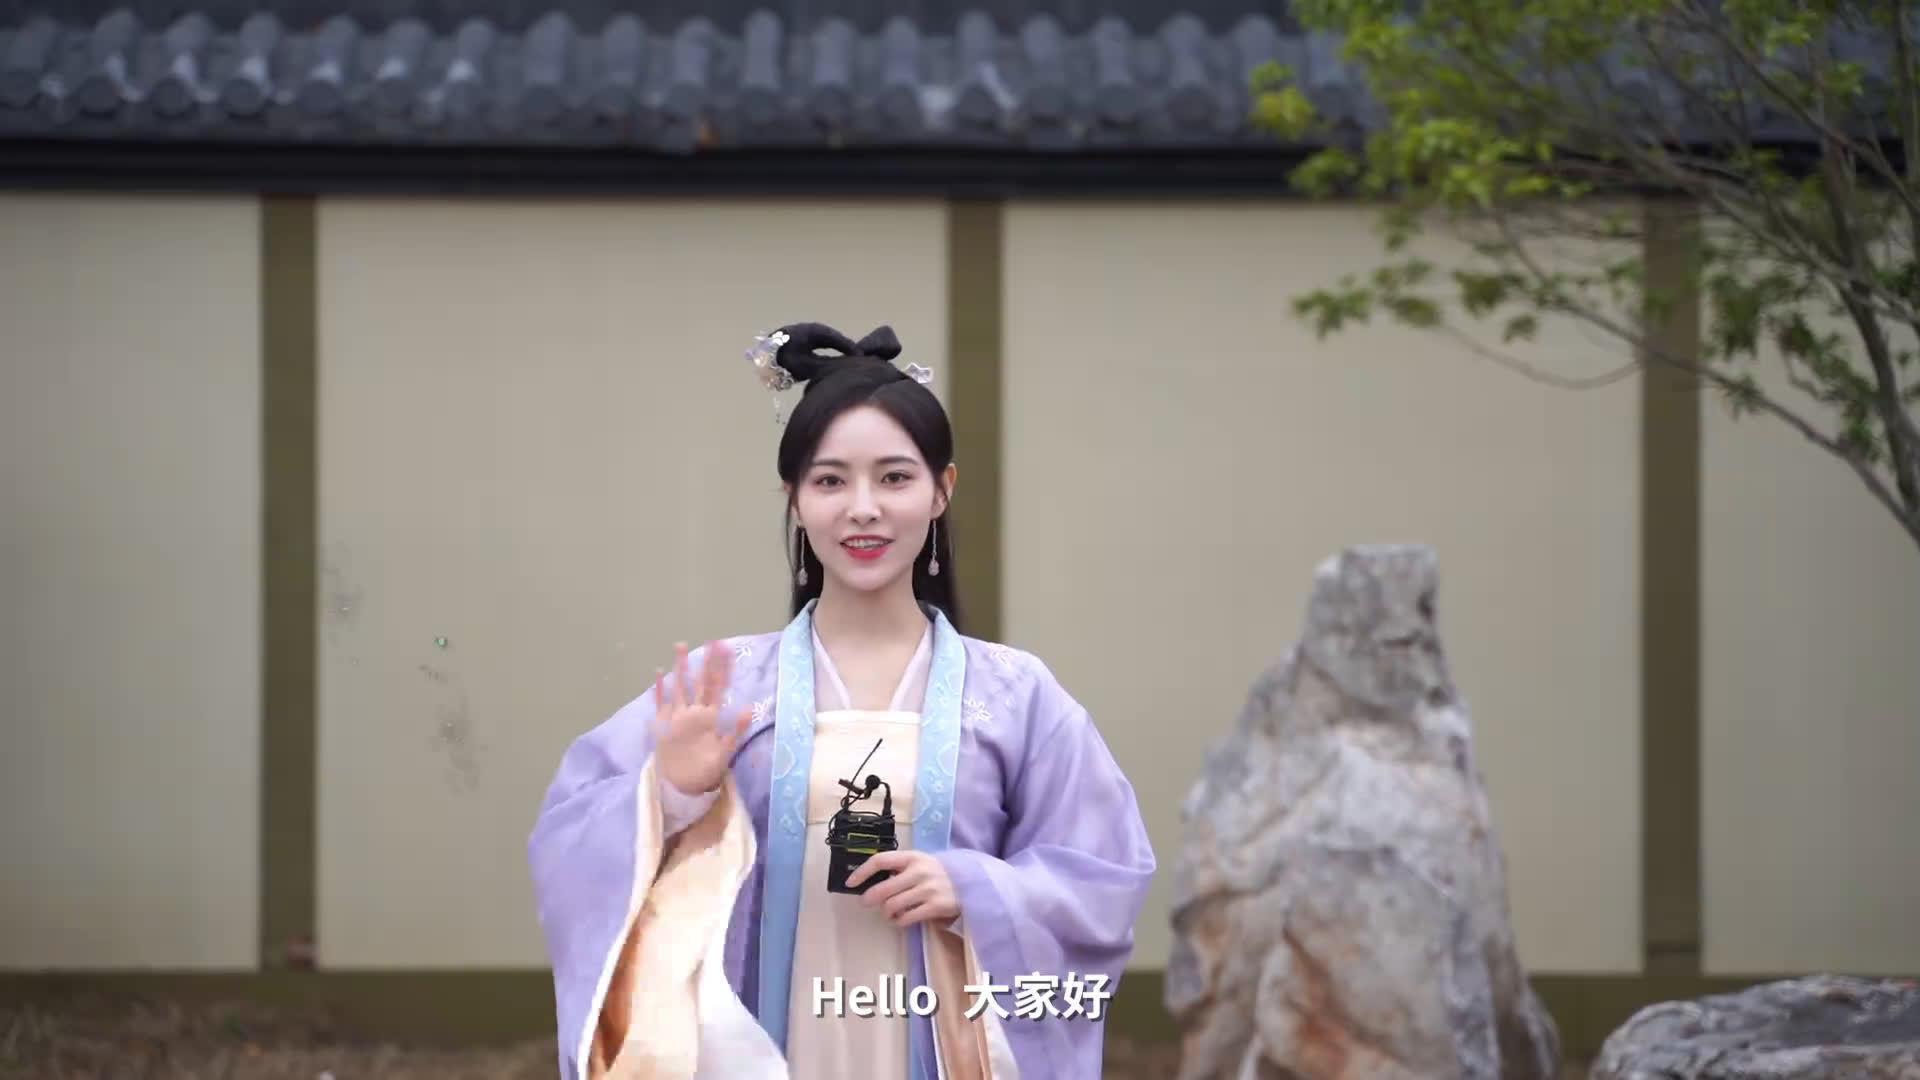 许佳琪傅宣特辑:大家闺秀一开始听从父母安排……